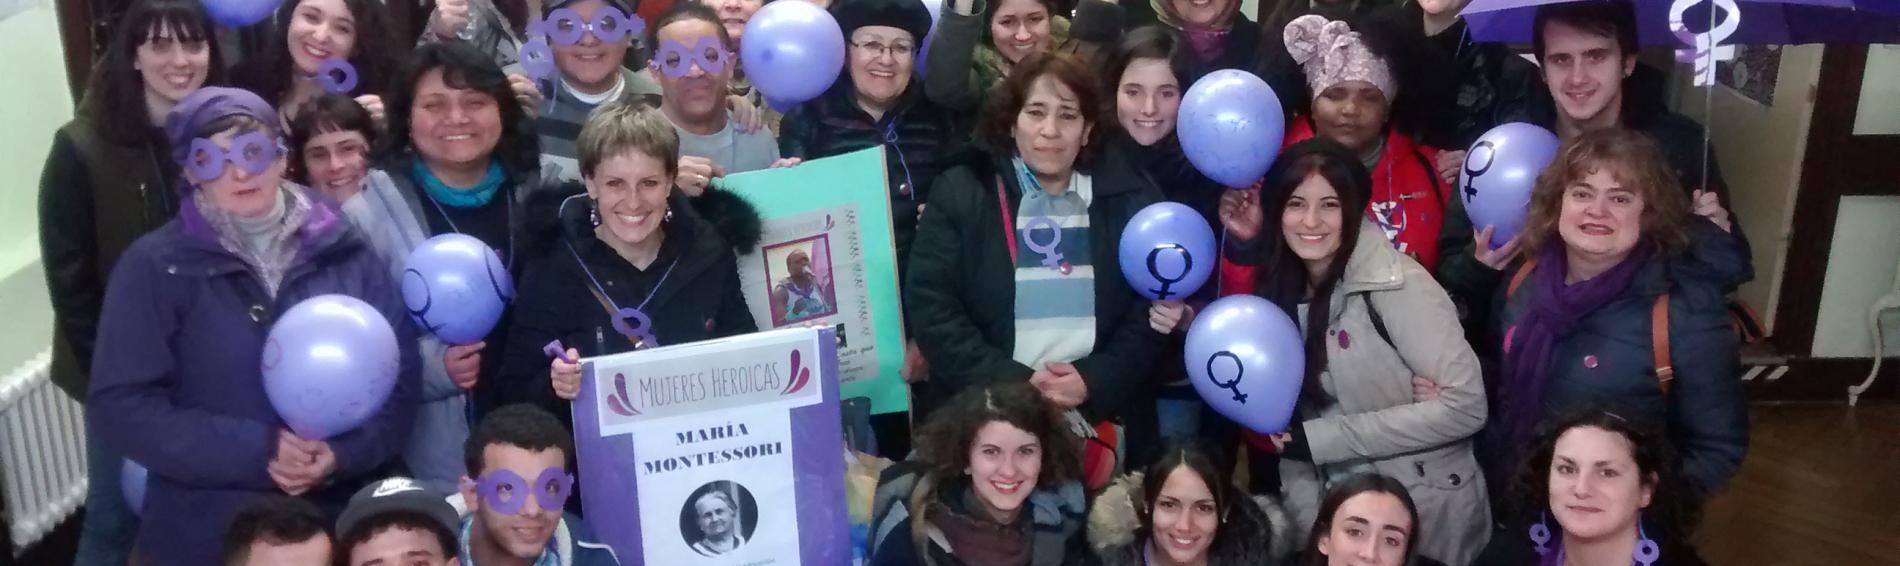 Participantes de la semana moradas mujeres heroicas